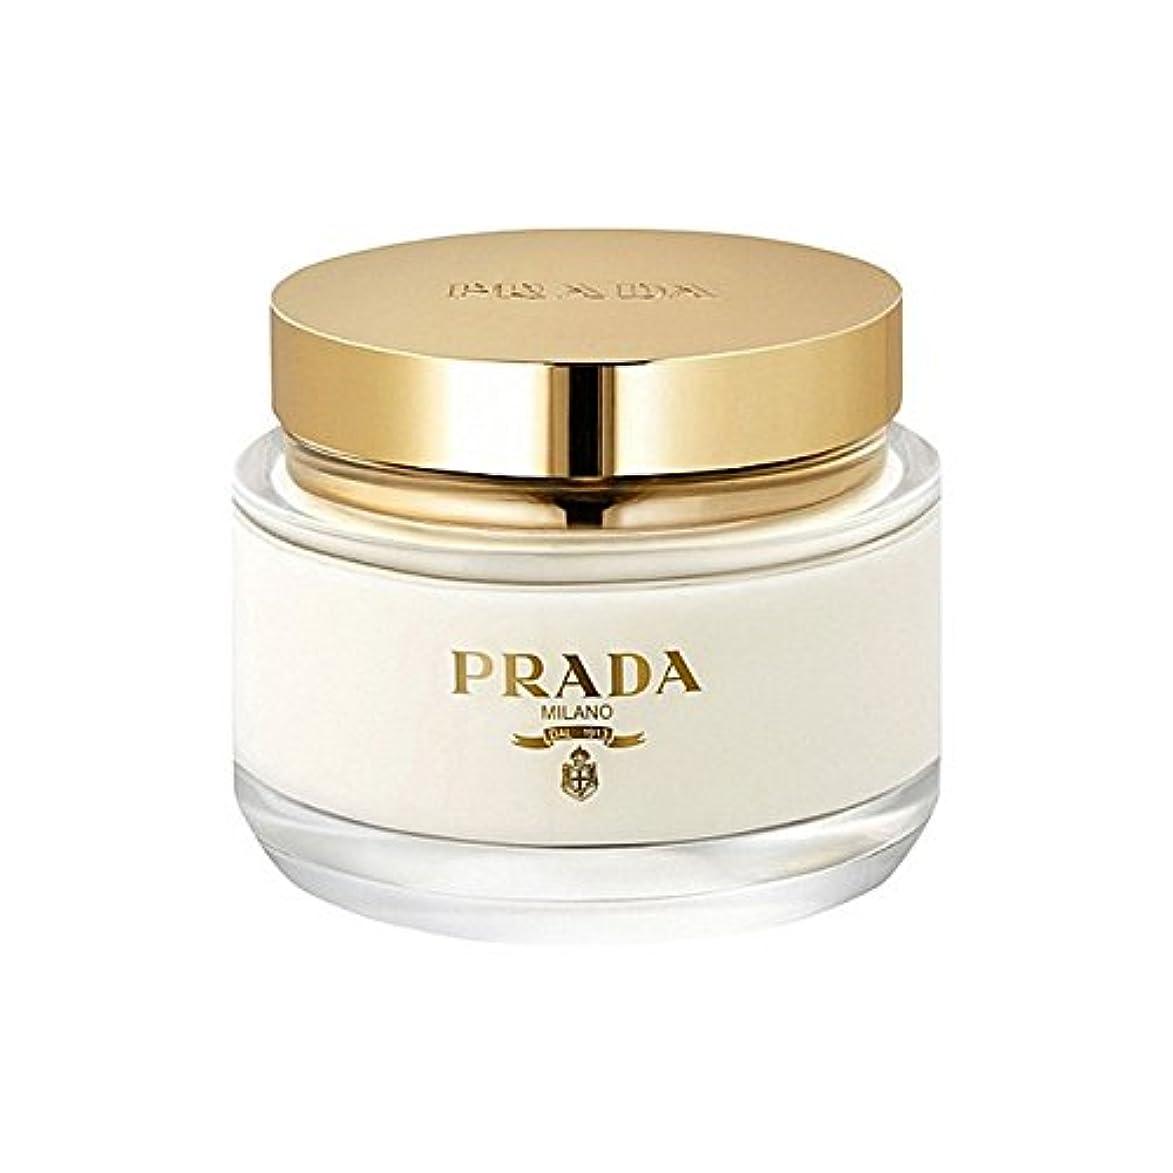 ぐったり超越する逃げるプラダラファムボディクリーム200ミリリットル x2 - Prada La Femme Body Cream 200ml (Pack of 2) [並行輸入品]